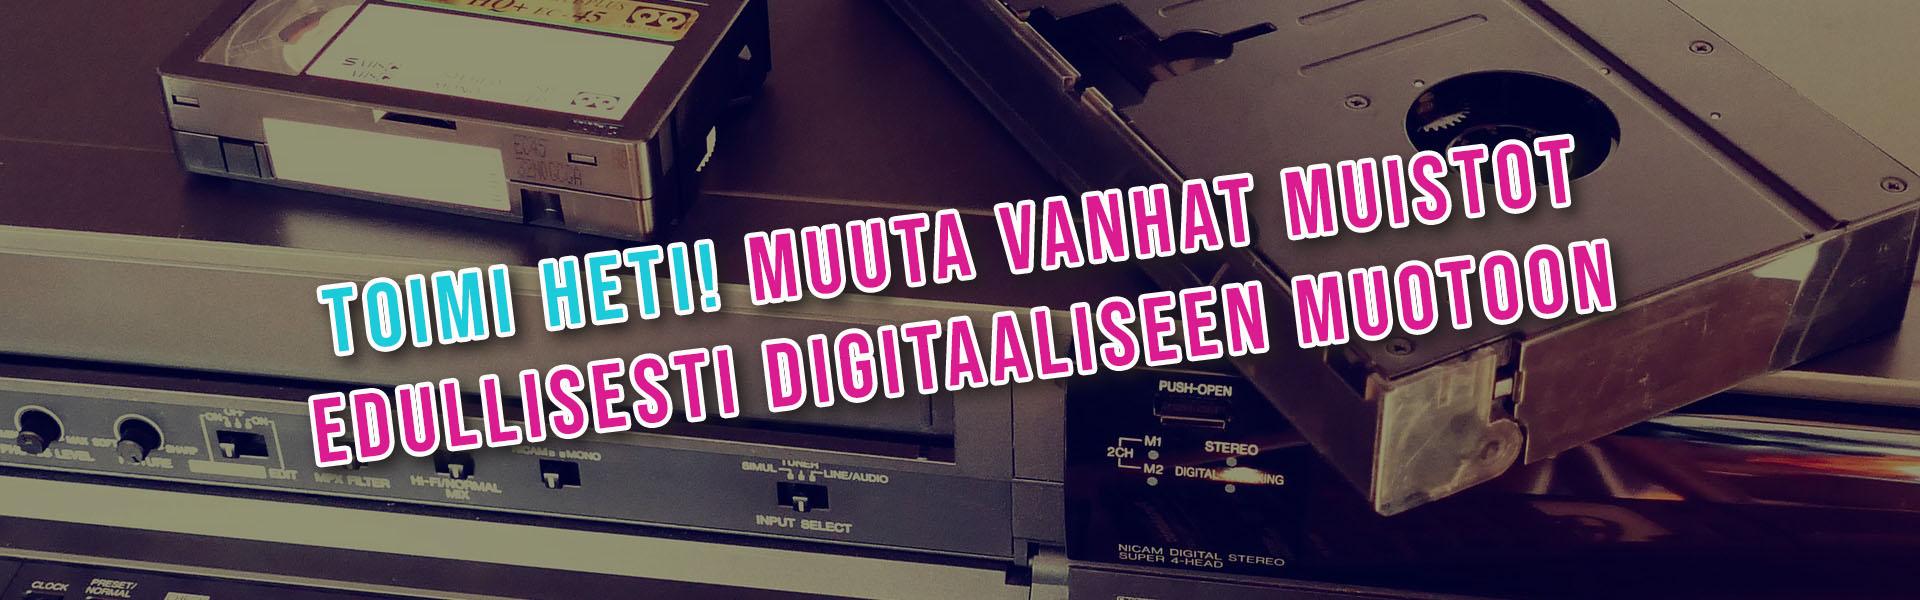 VHS-kasettien, videoiden, kaitafilmien, valo- ja diakuvien digitointipalvelu